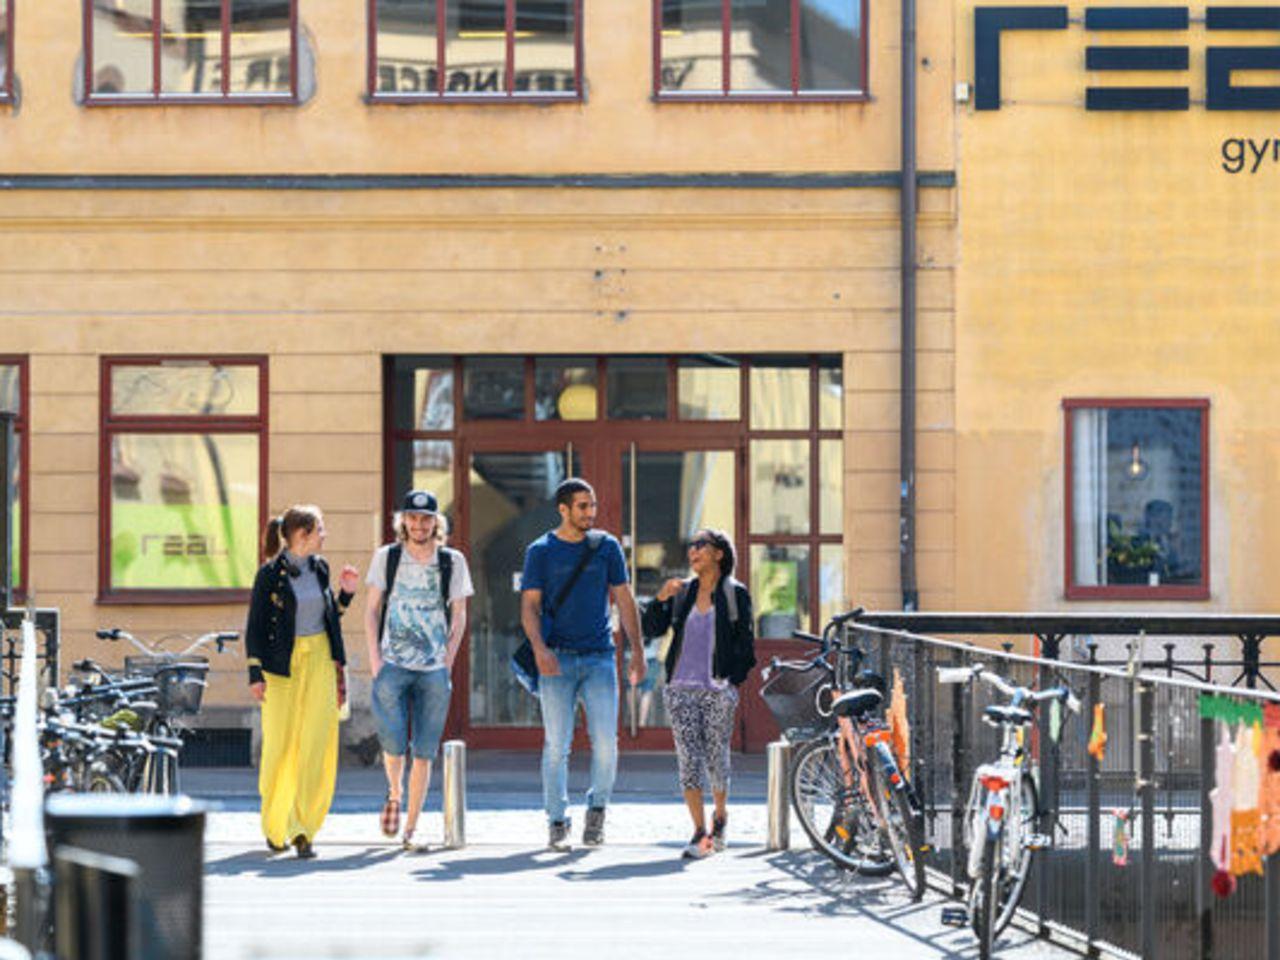 Realgymnasiet startar i Borlänge